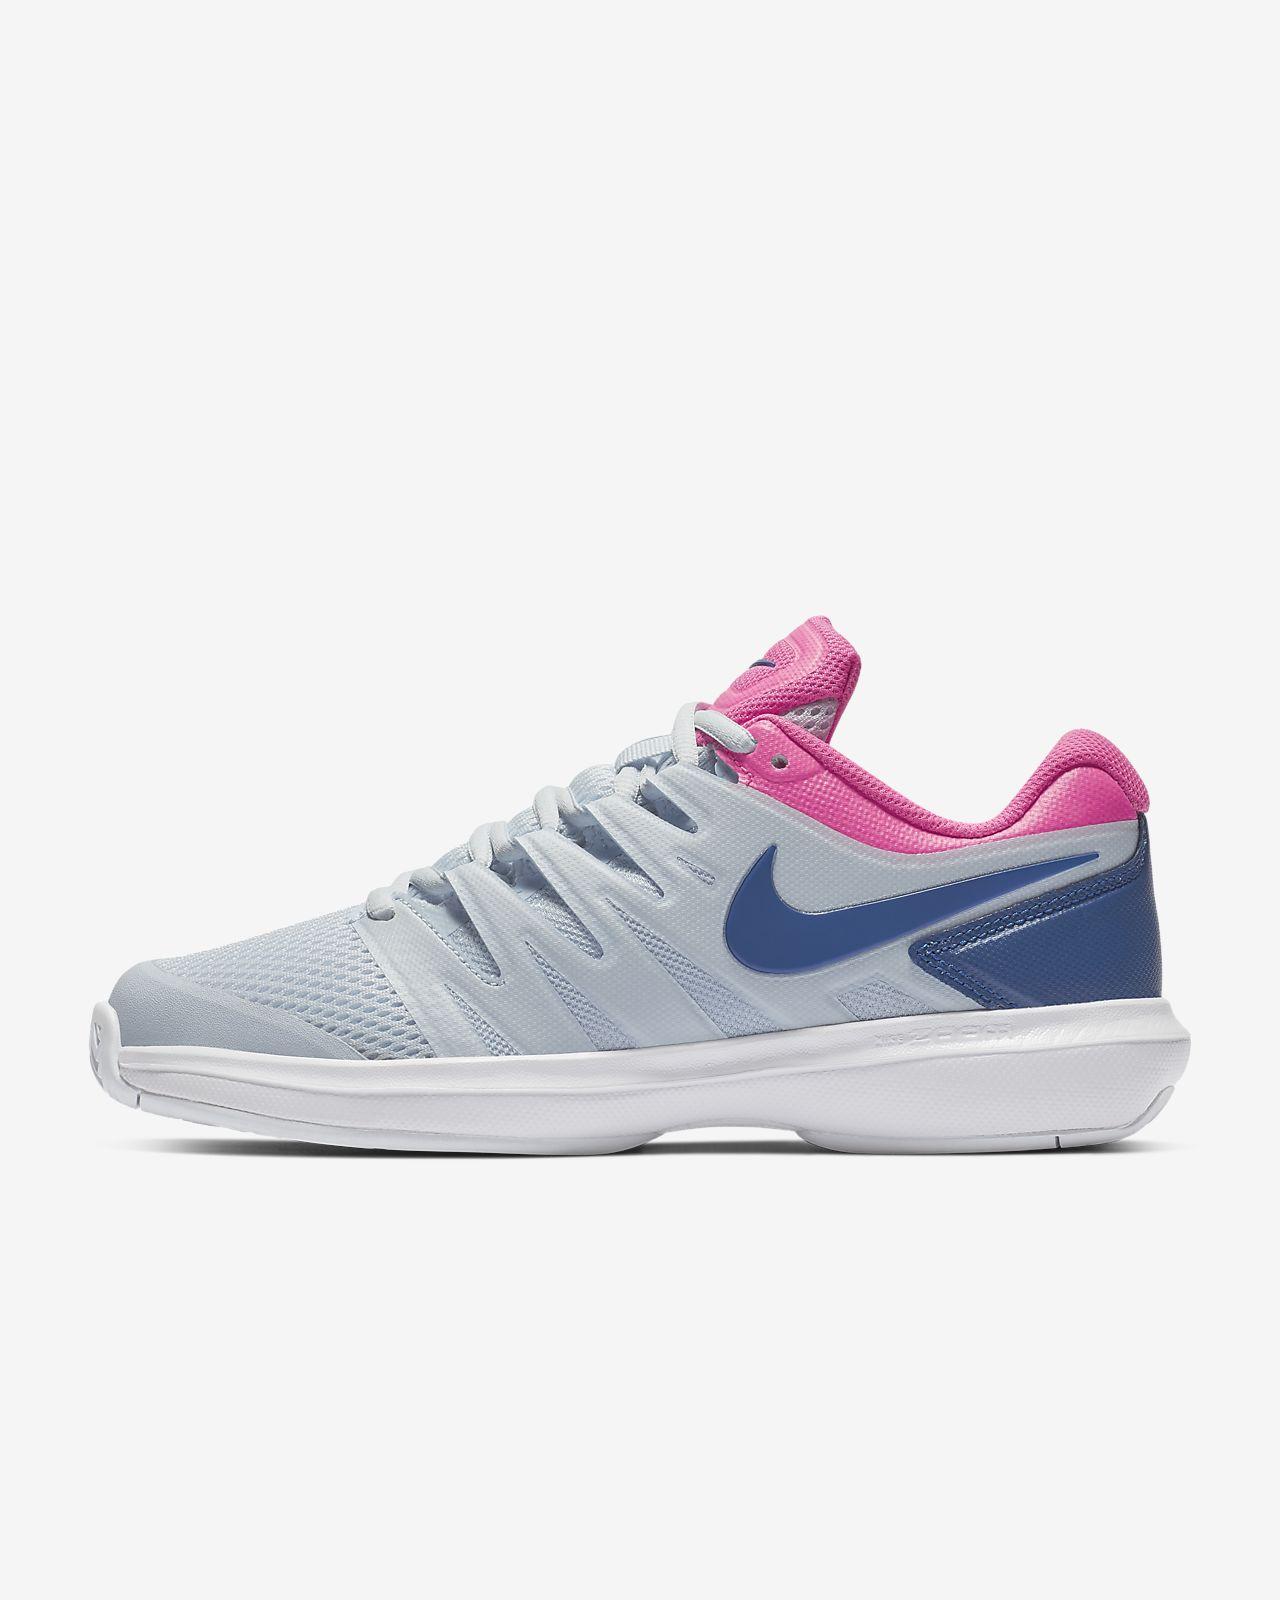 dddafae76ac ... Γυναικείο παπούτσι τένις για σκληρά γήπεδα NikeCourt Air Zoom Prestige